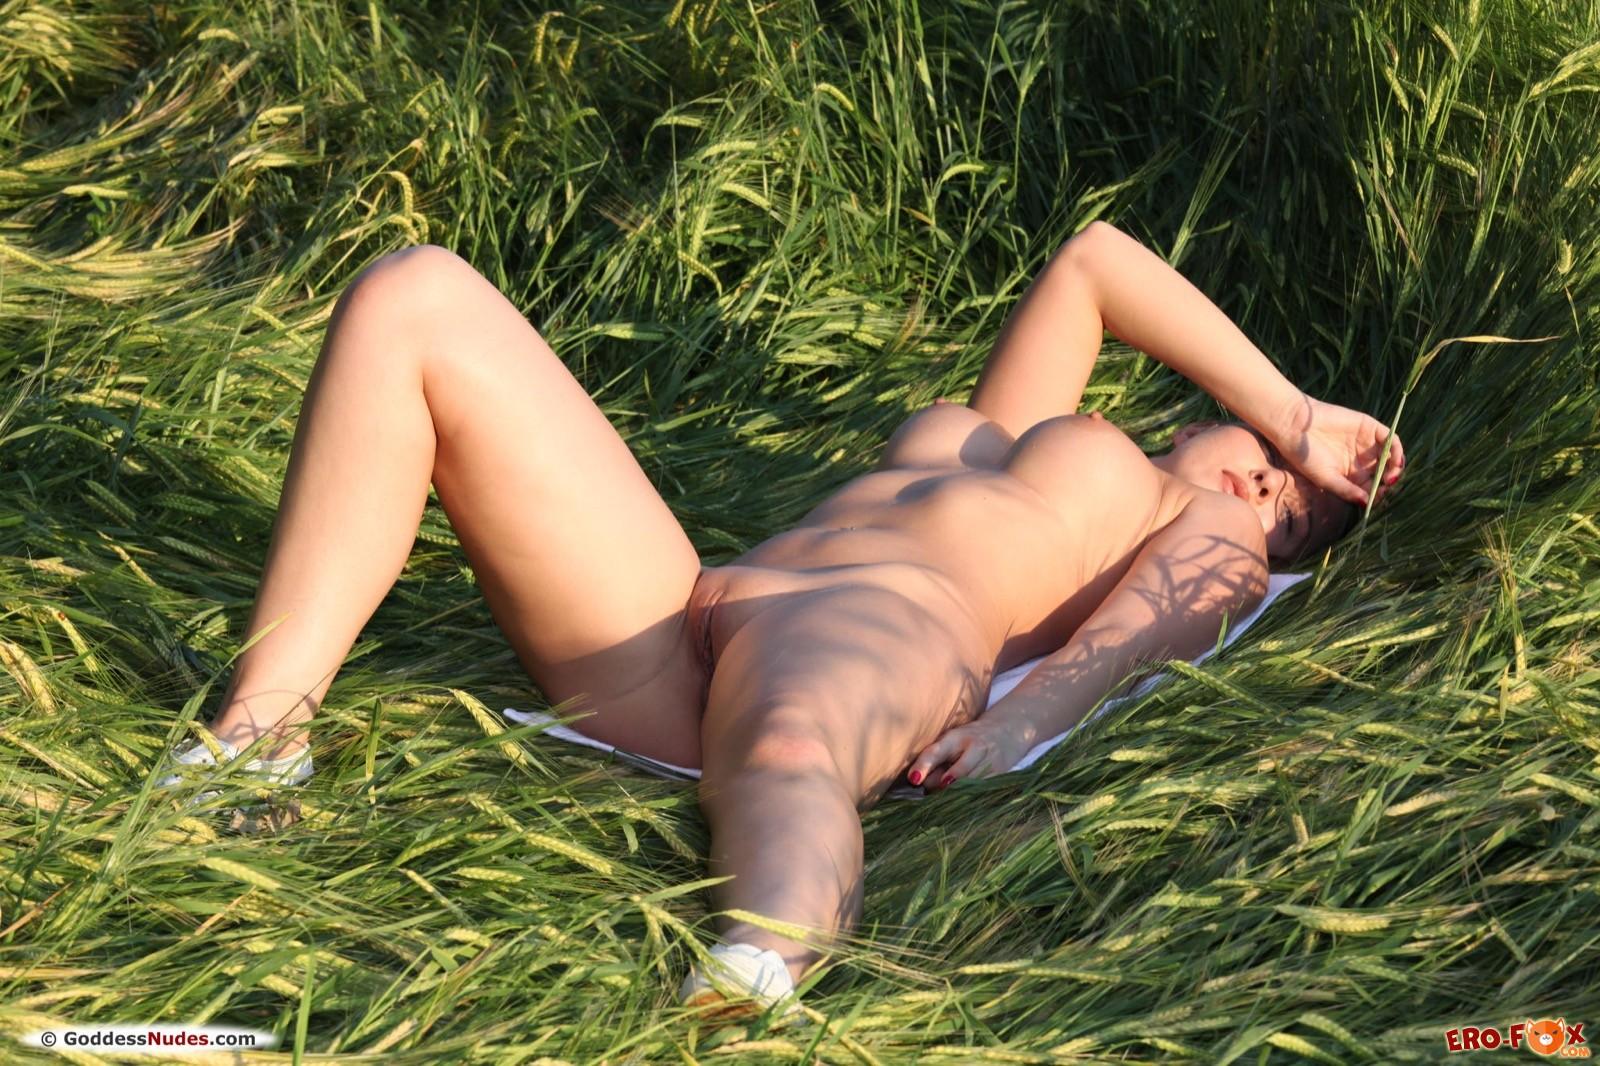 Девушка с пышными сиськами и большой жопой